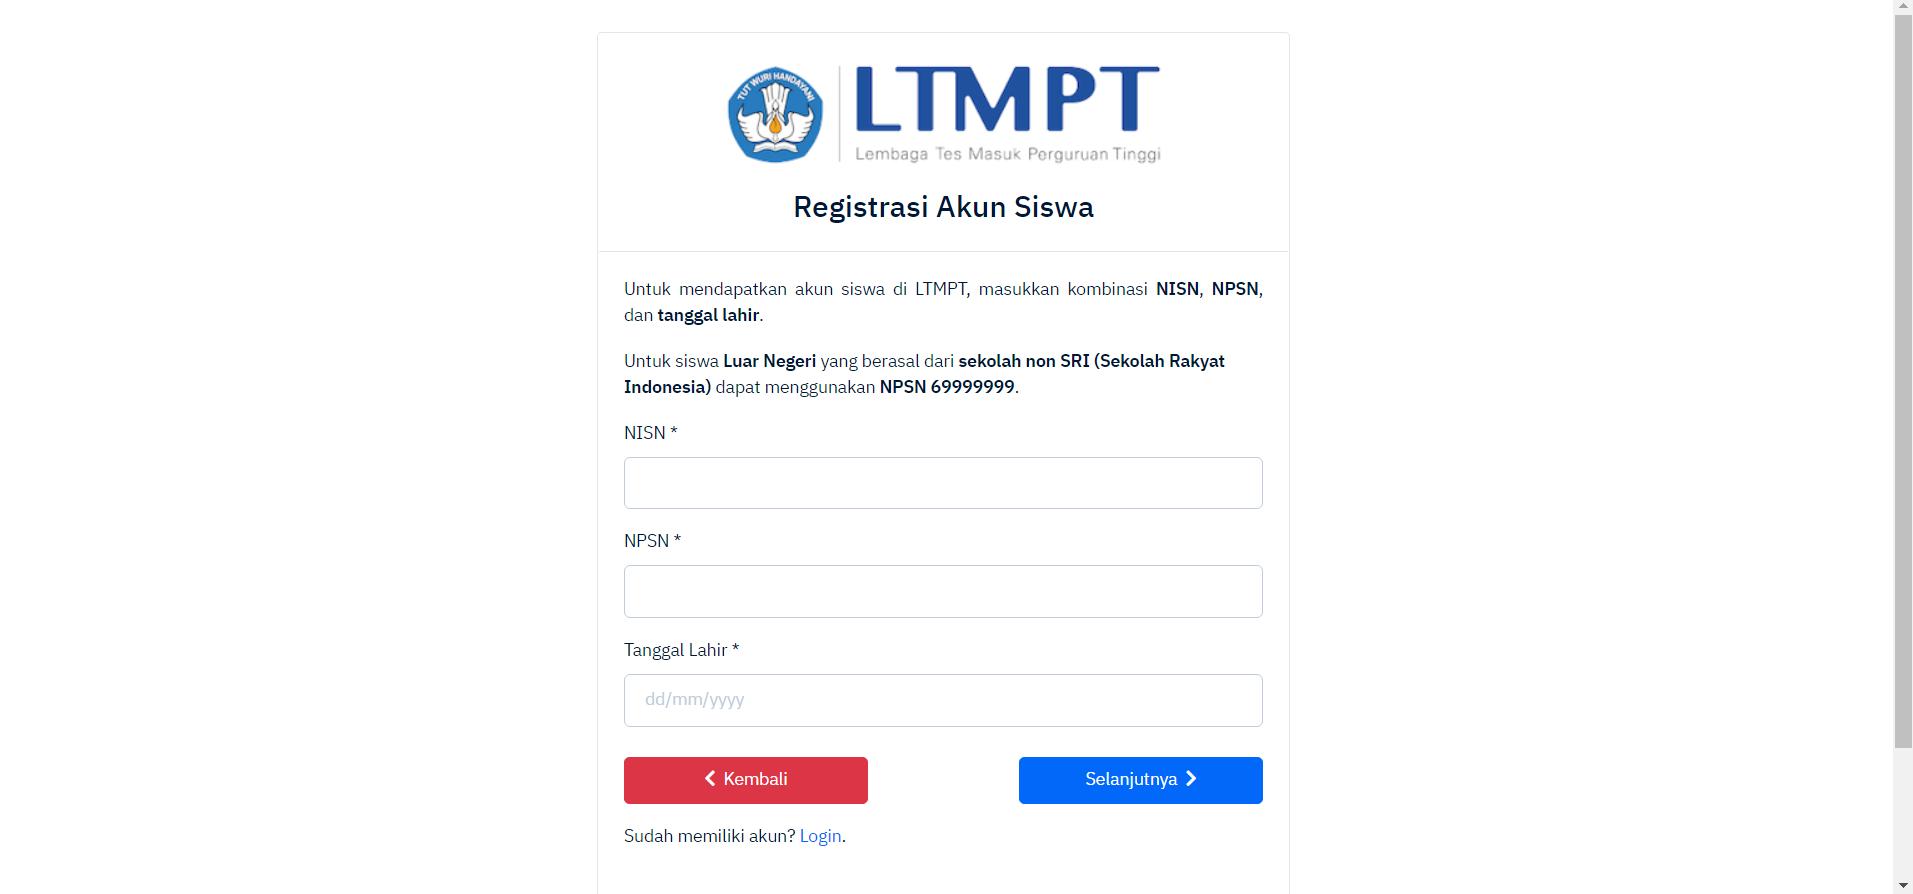 halaman register ltmpt